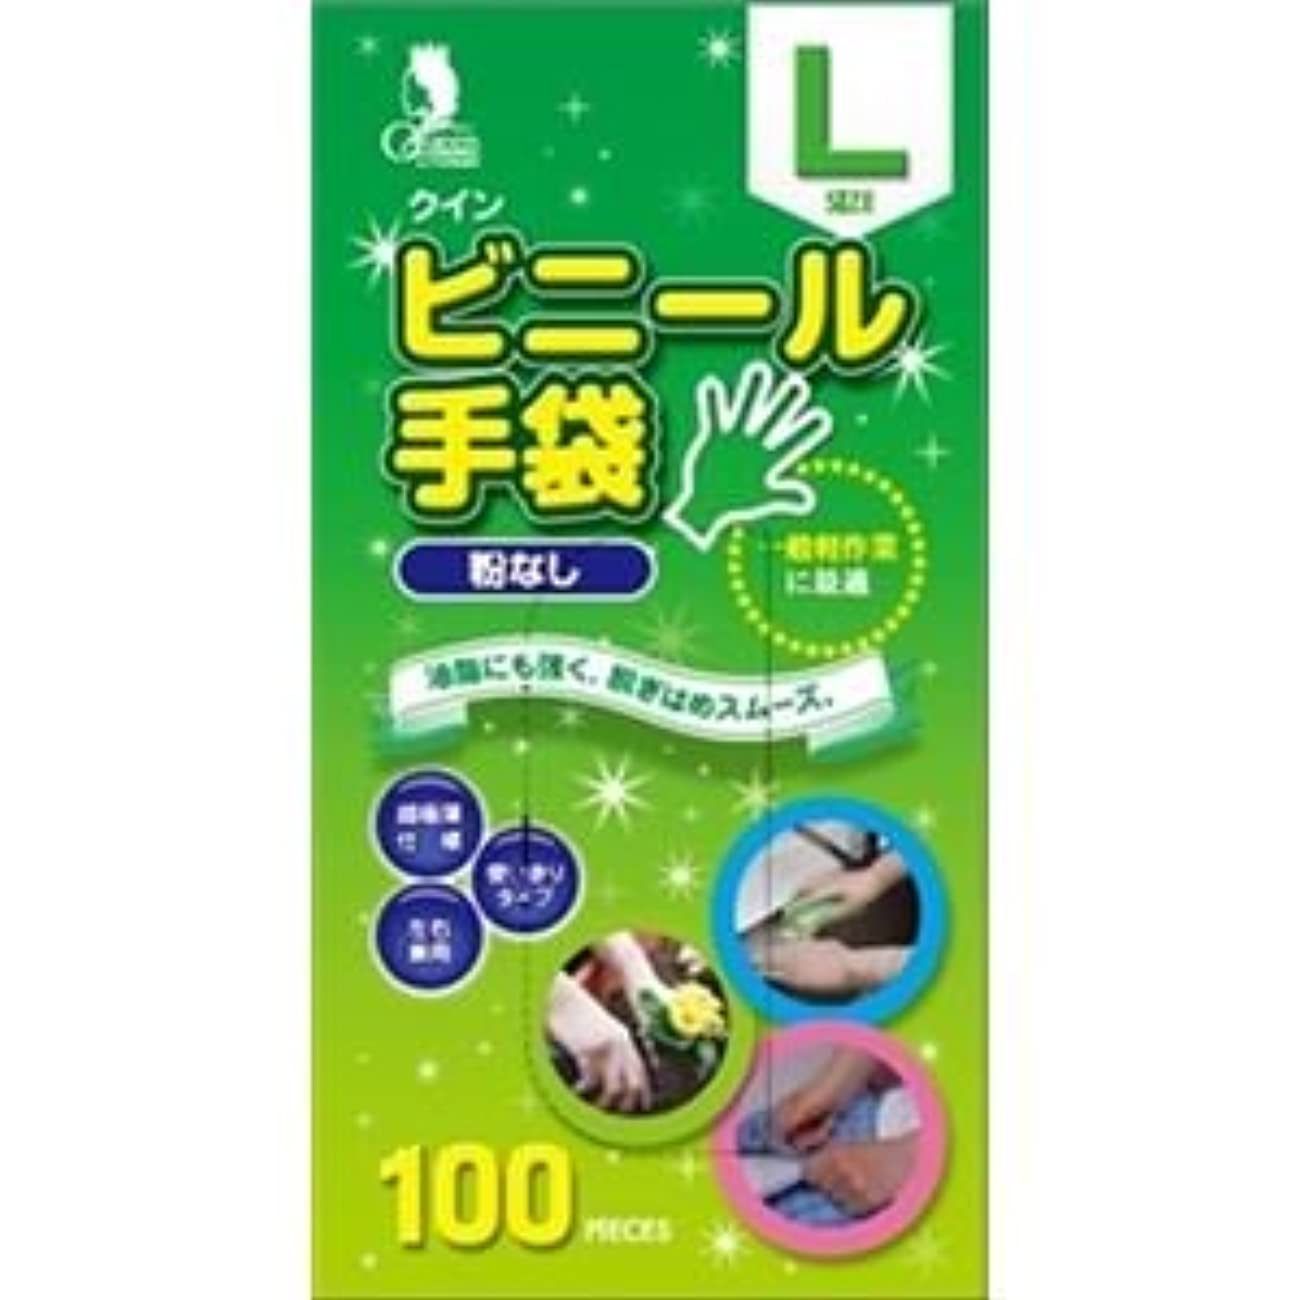 成分乱雑な採用(まとめ)宇都宮製作 クインビニール手袋100枚入 L (N) 【×3点セット】